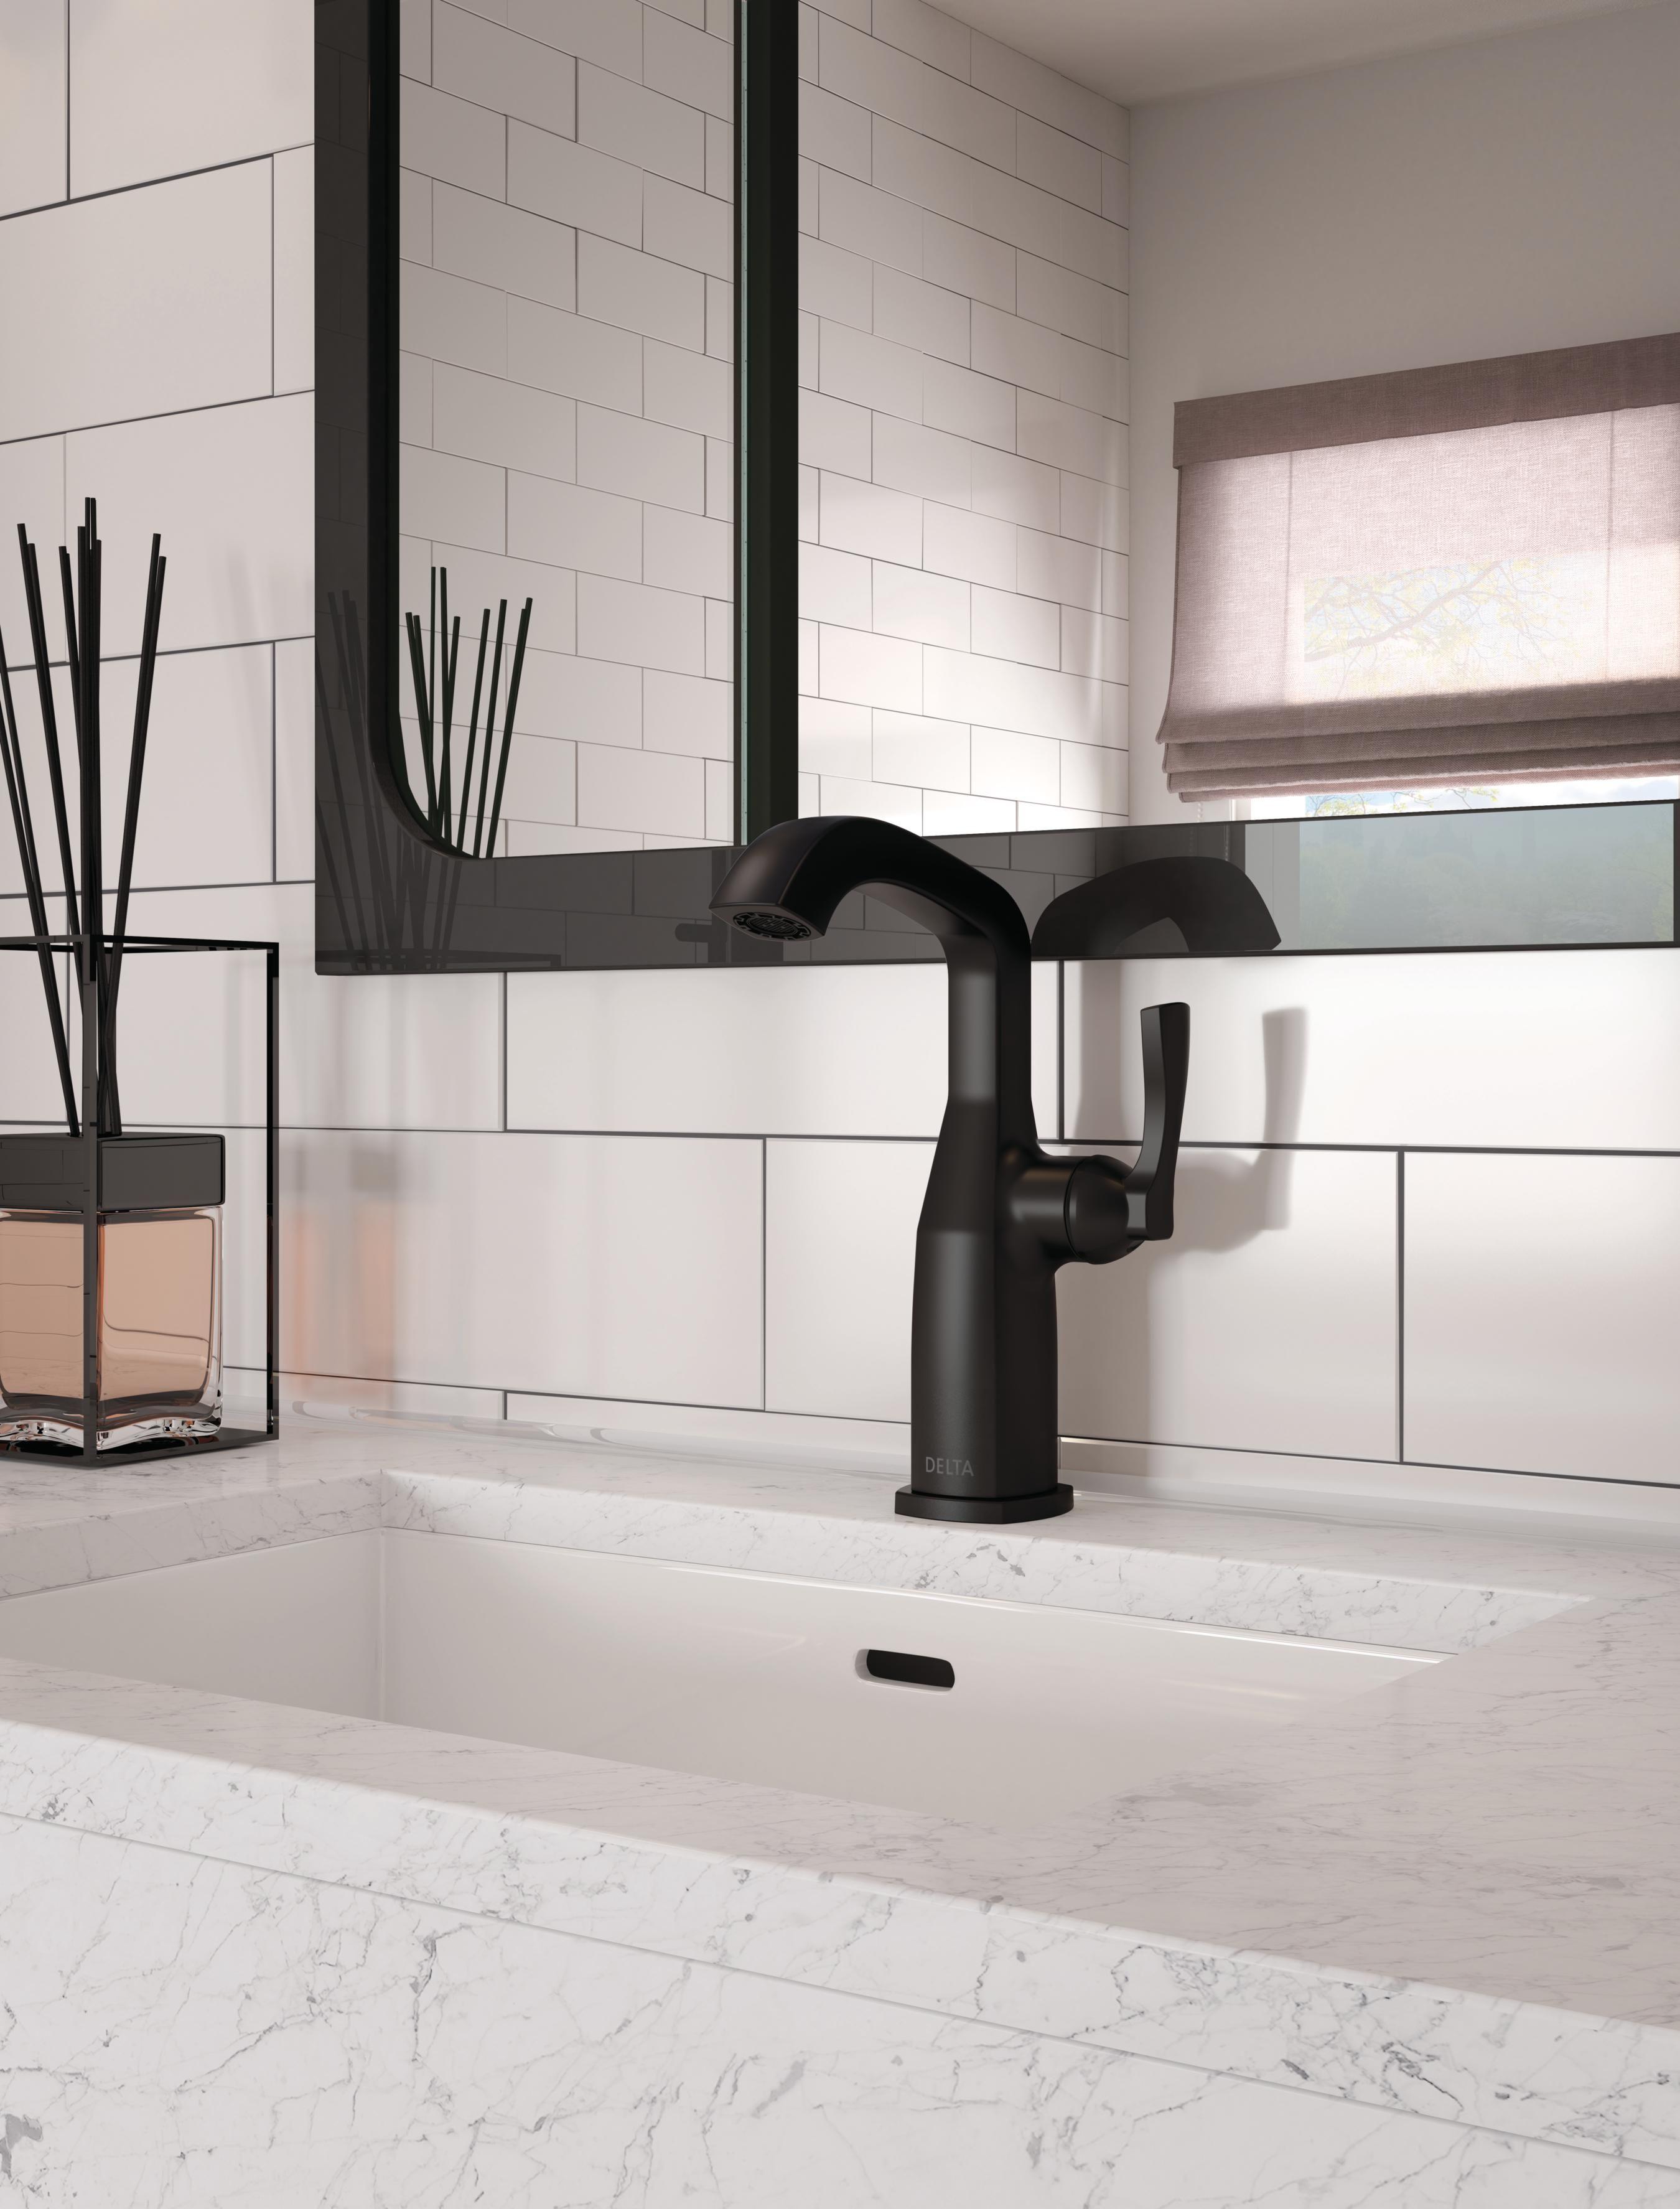 Black Bathroom Faucet Stryke Collection Delta Faucets Modern Faucet Modern Bathroom Faucets